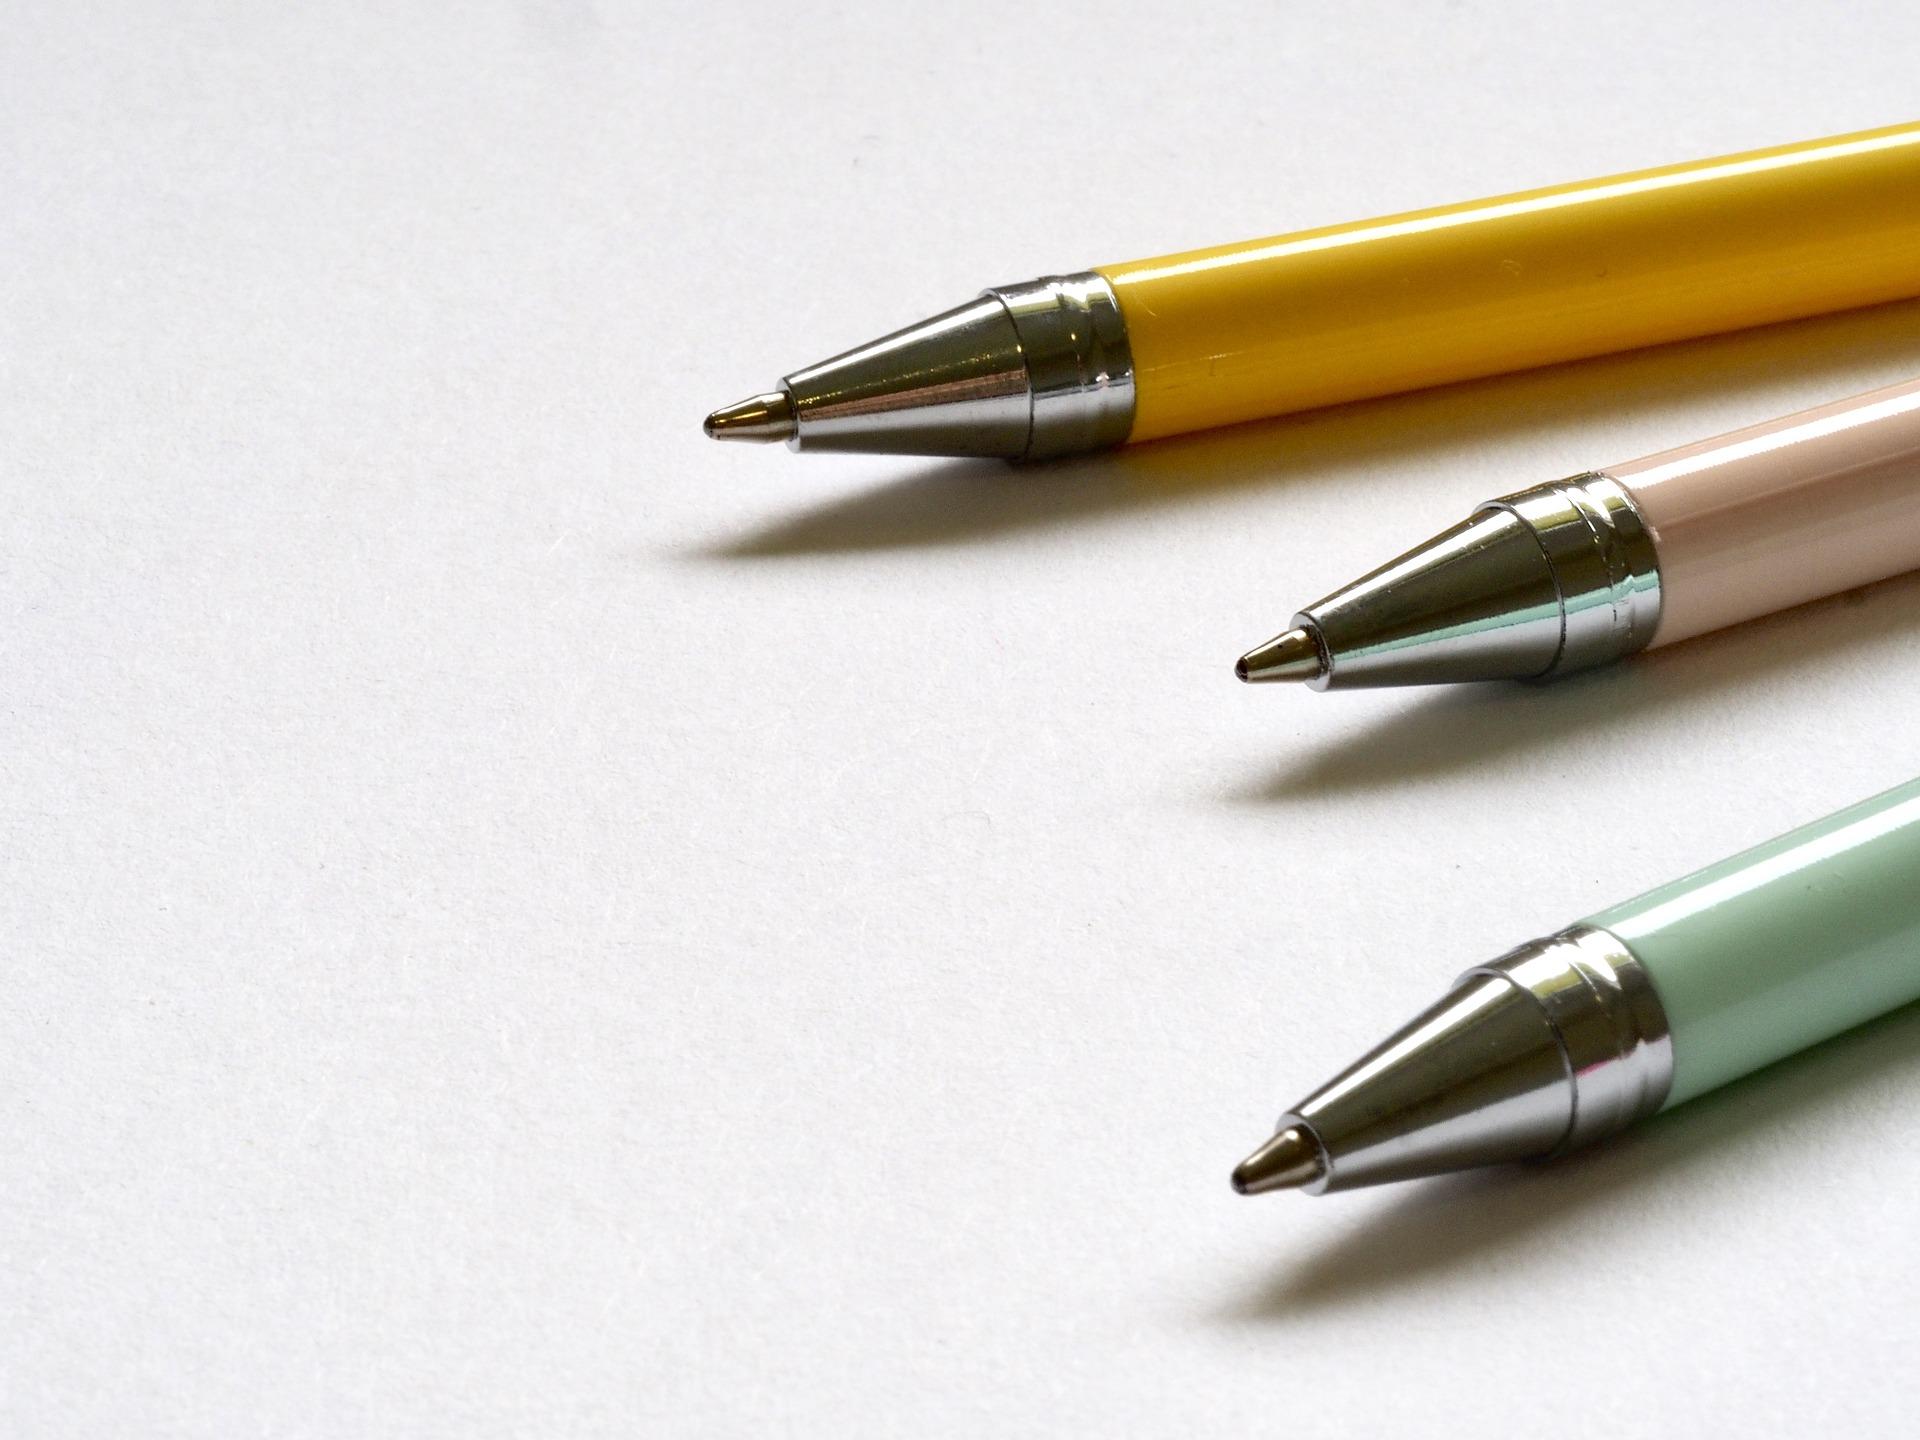 Talousnero_oppilaitosyhteistyö_kynät